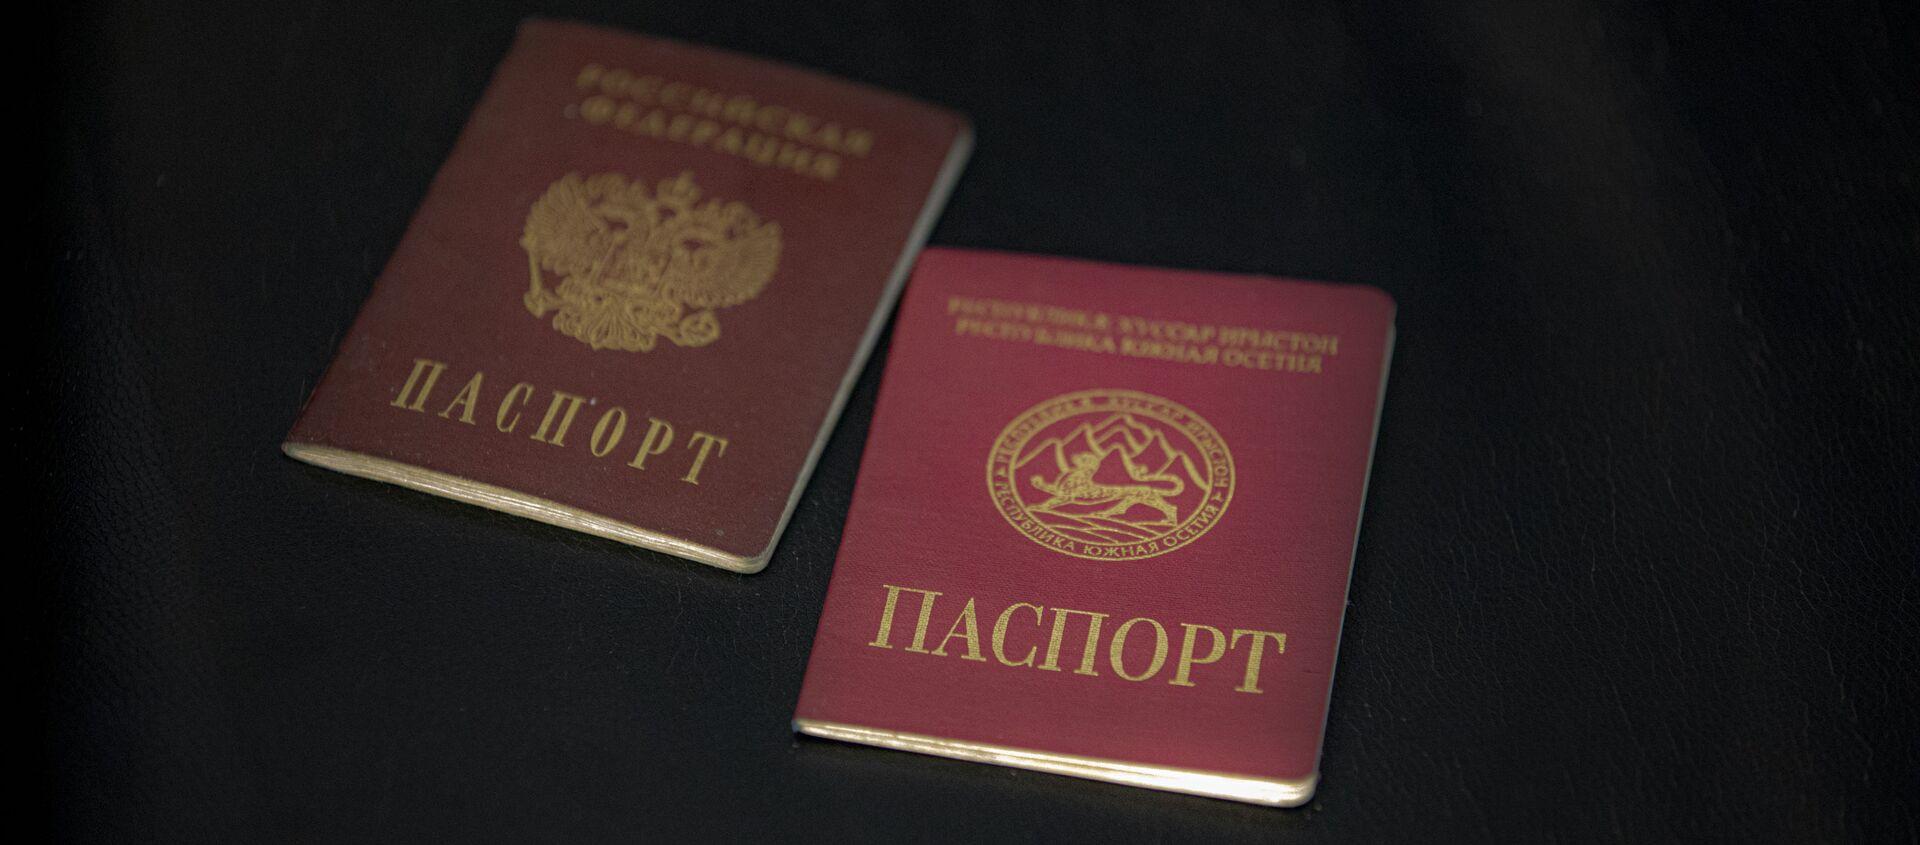 Паспорт РФ и паспорт Южной Осетии - Sputnik Южная Осетия, 1920, 04.08.2021